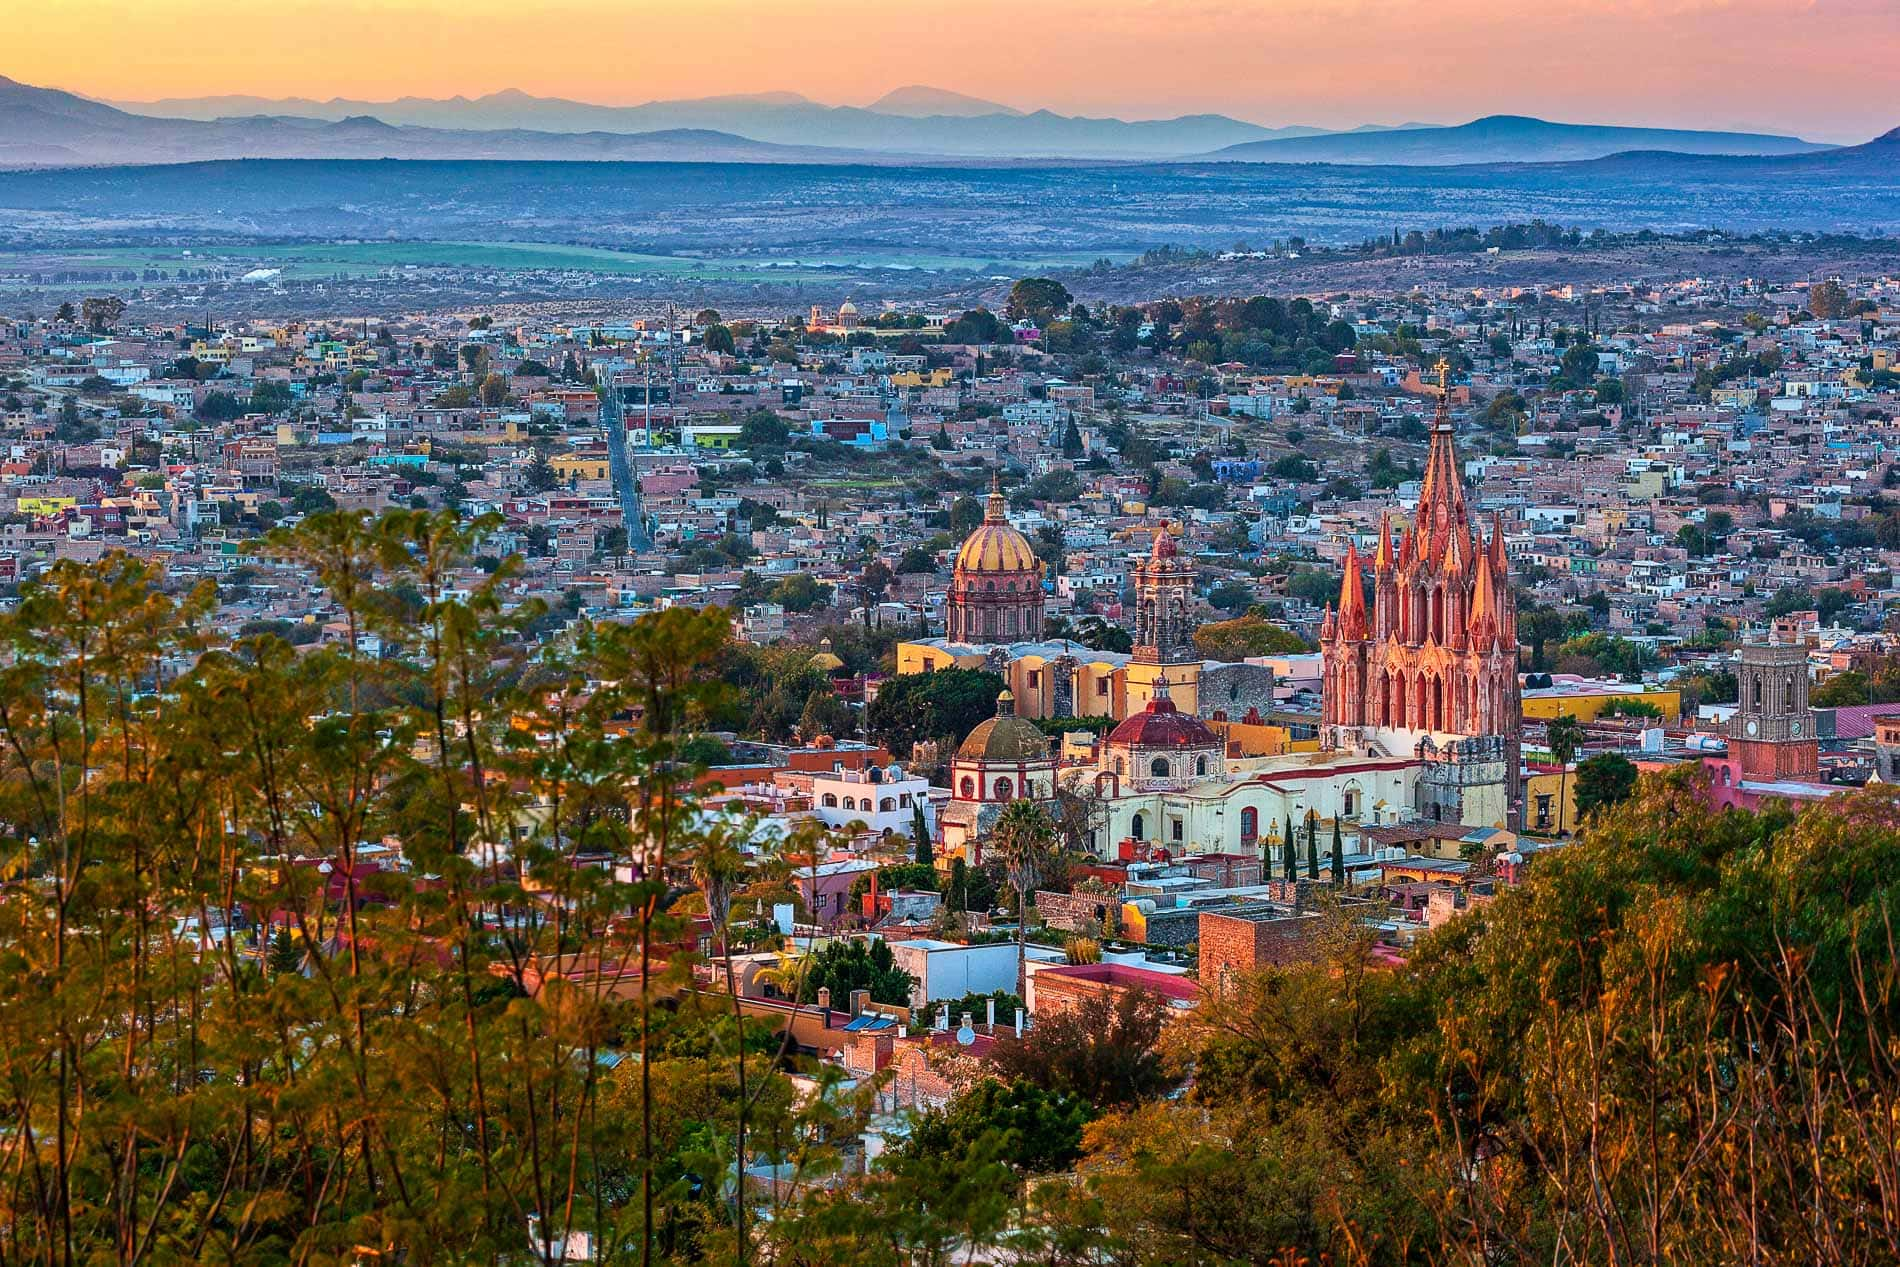 Vista Panorámica de San Miguel Allende